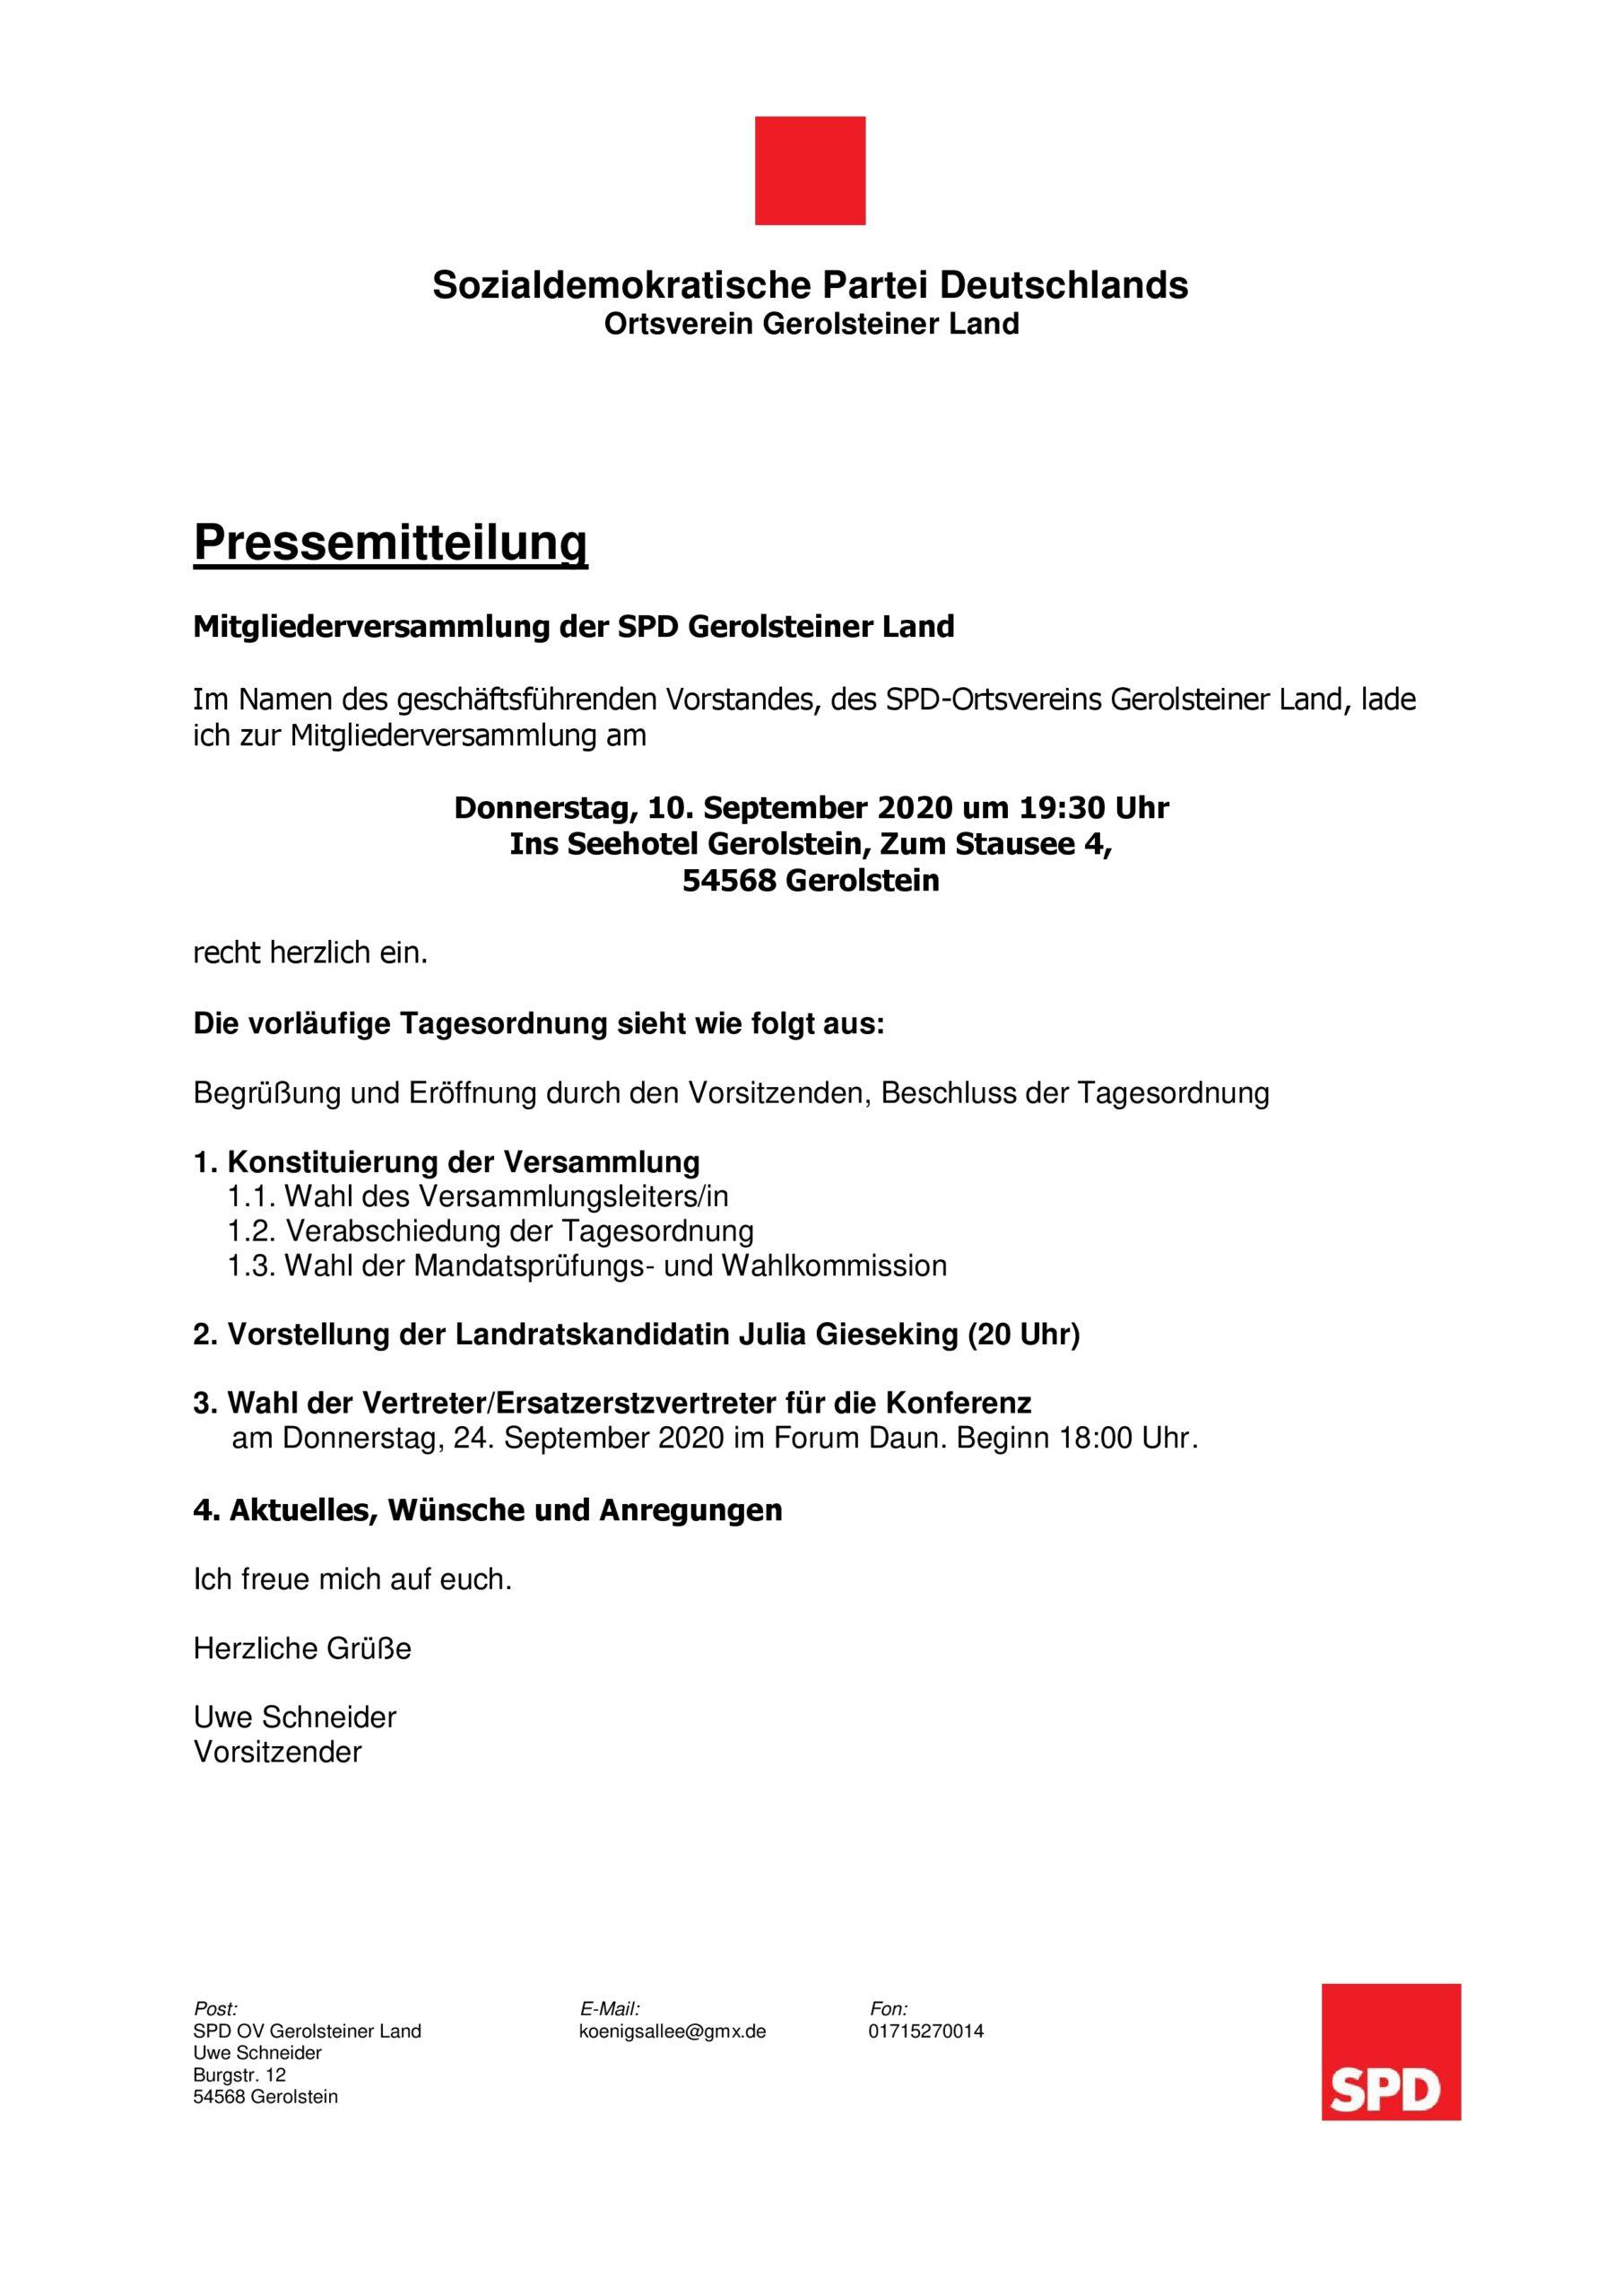 Mitgliederversammlung der SPD Gerolsteiner Land am 10.09.2020